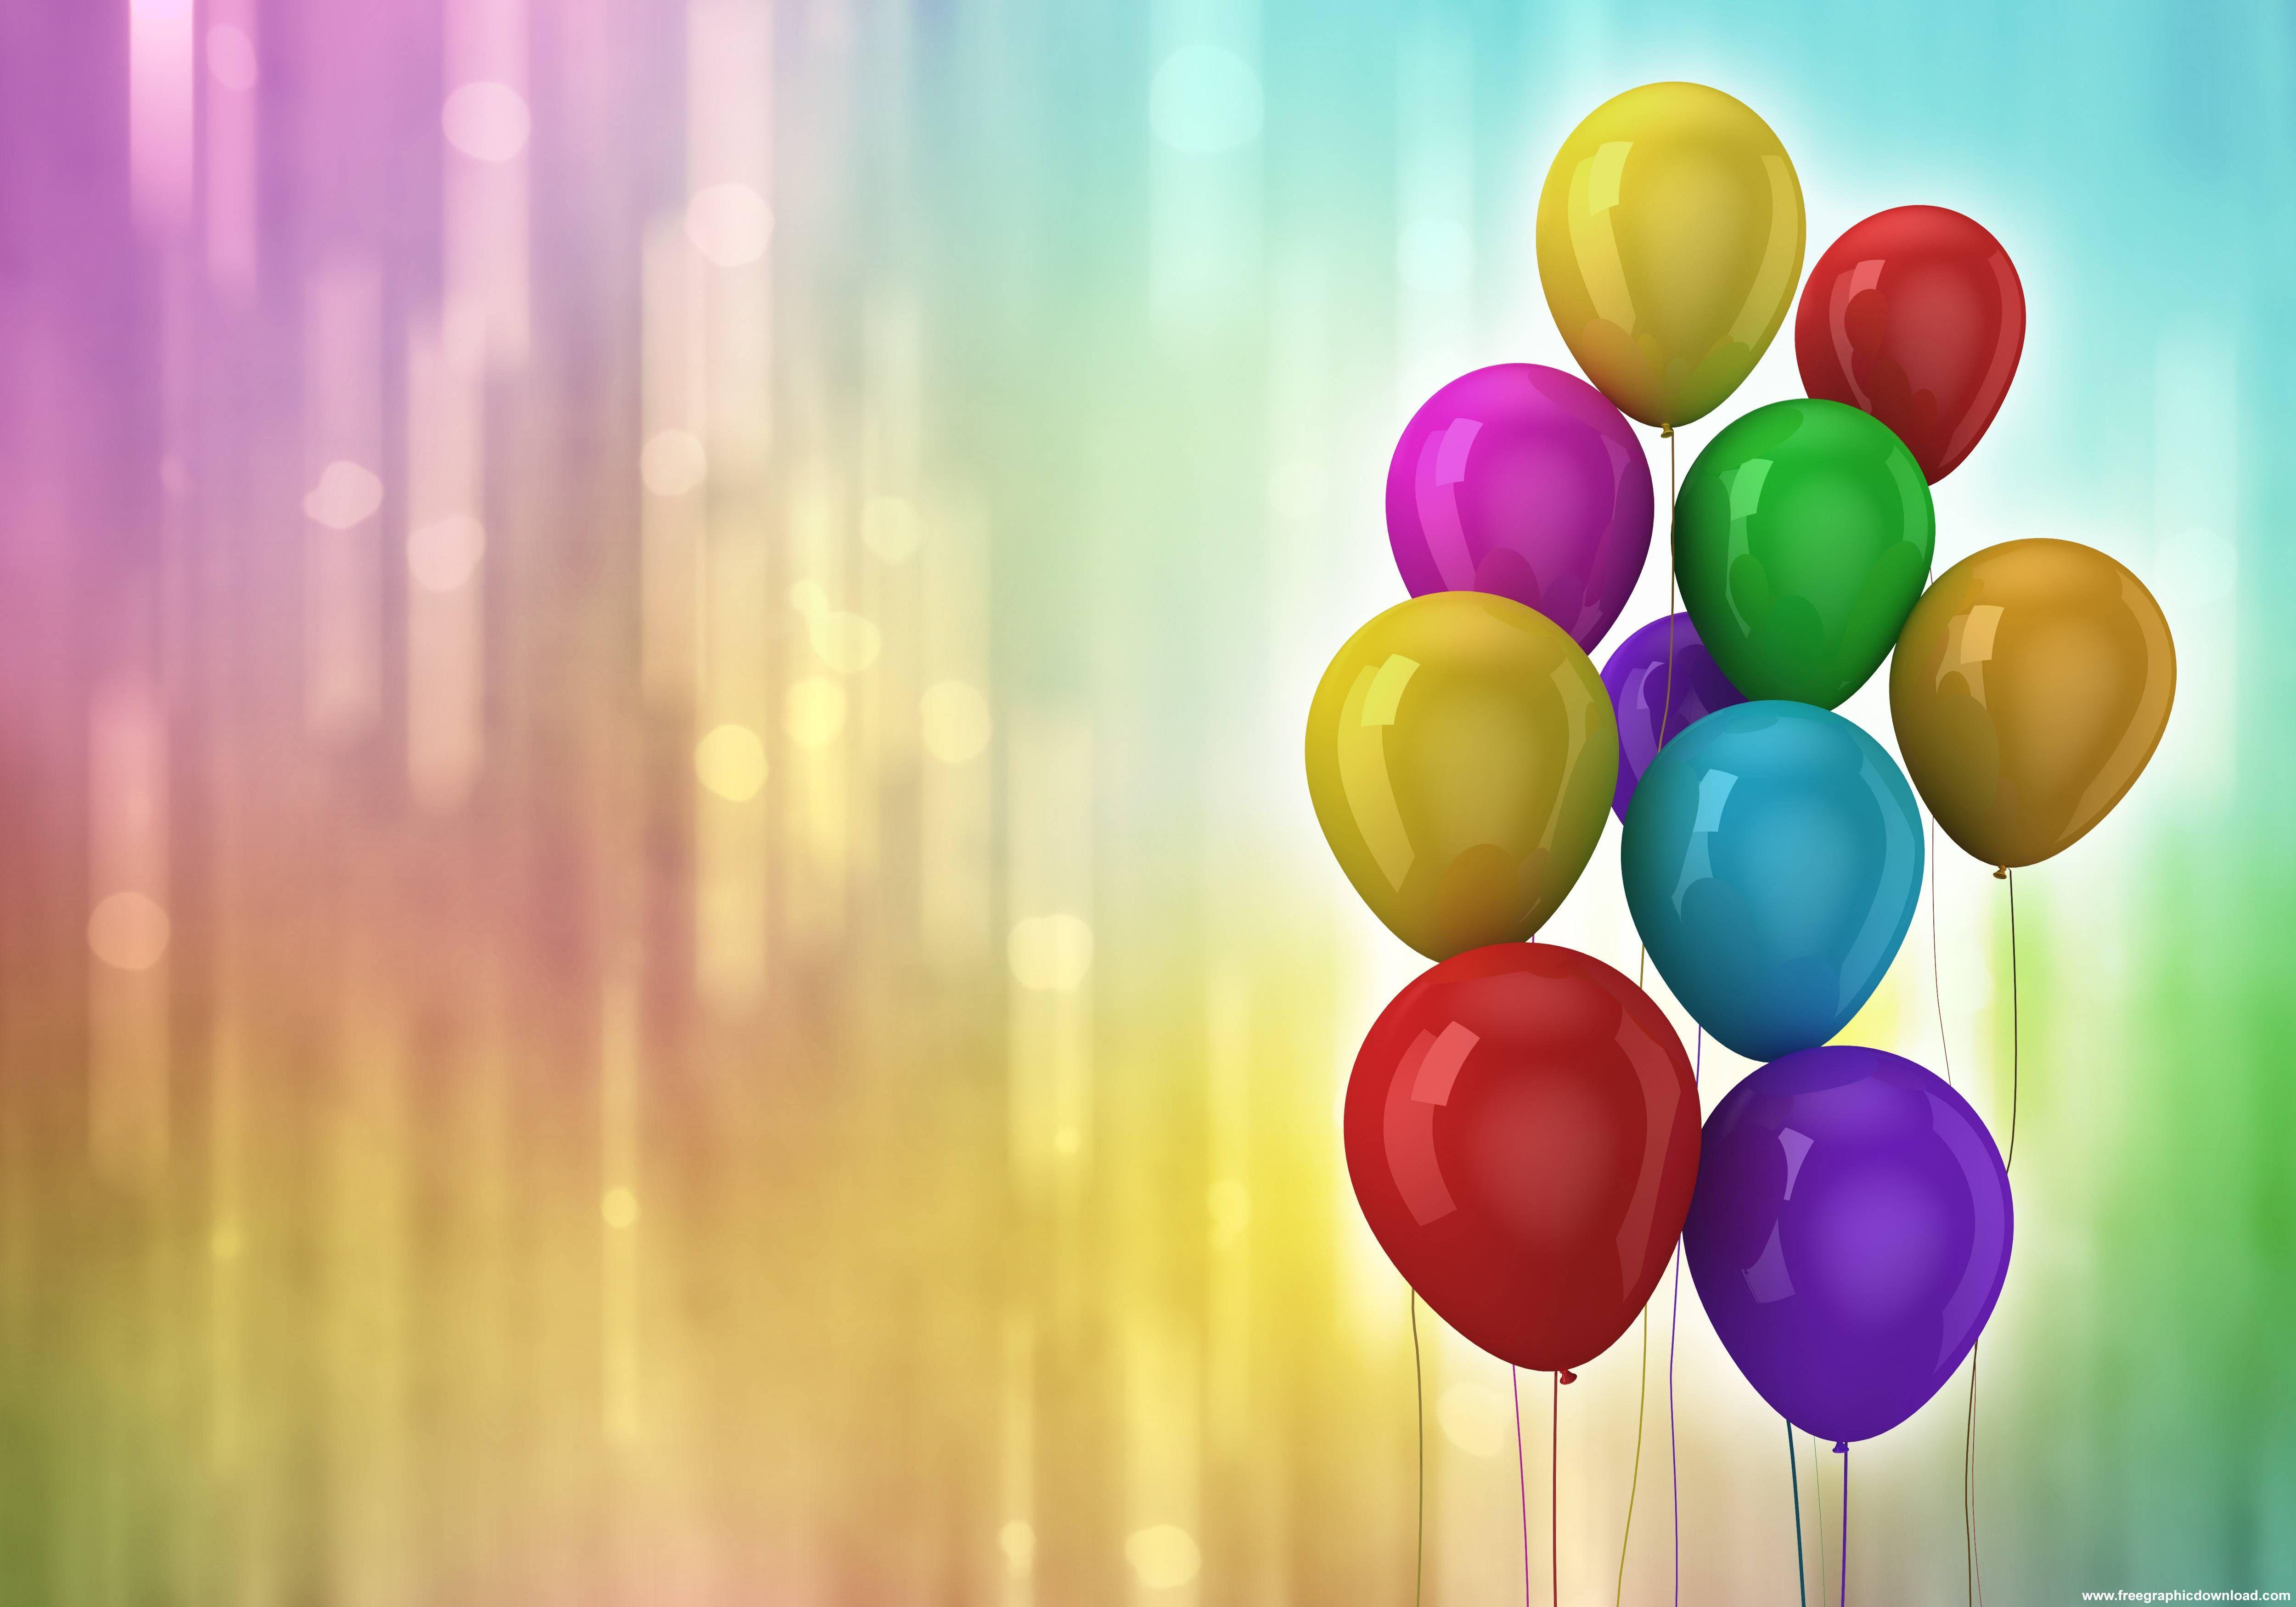 воздушные шары картинки для визиток